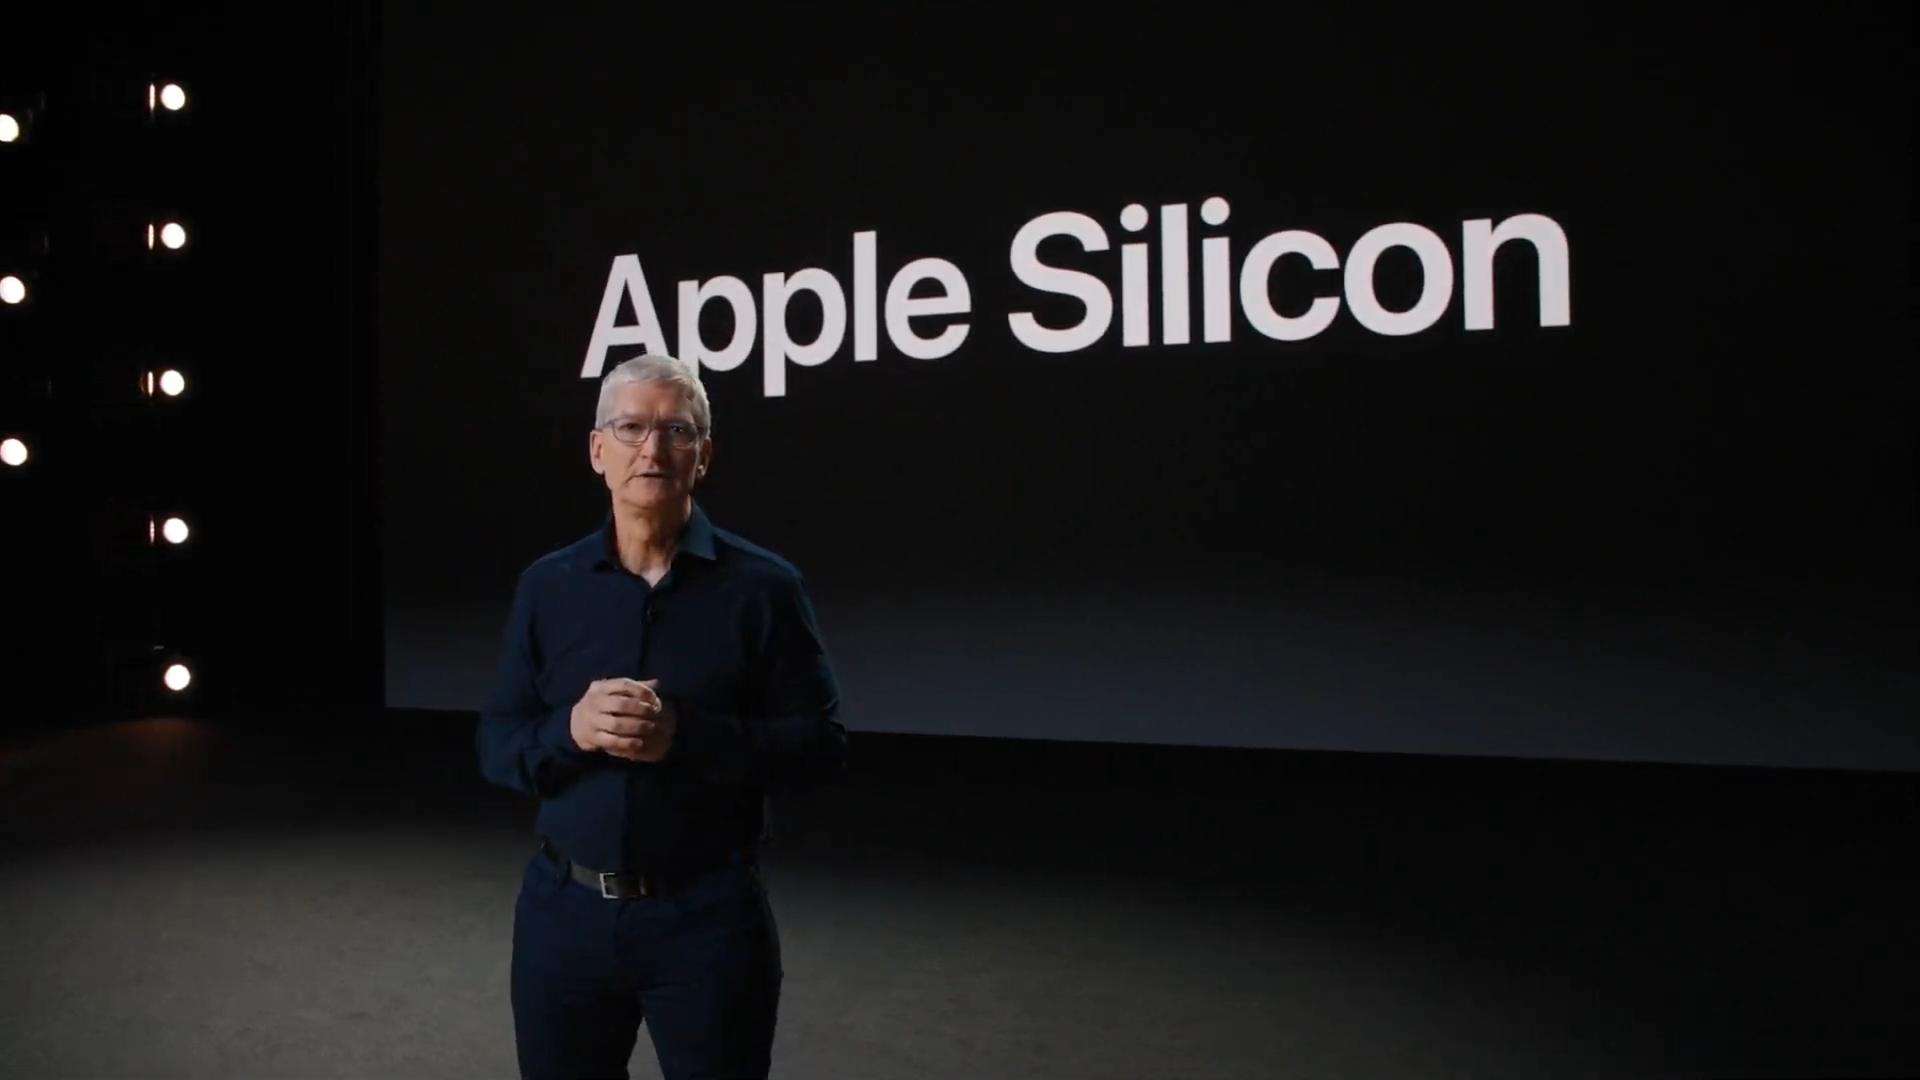 Apple宣布将会推出自家芯片的Mac产品